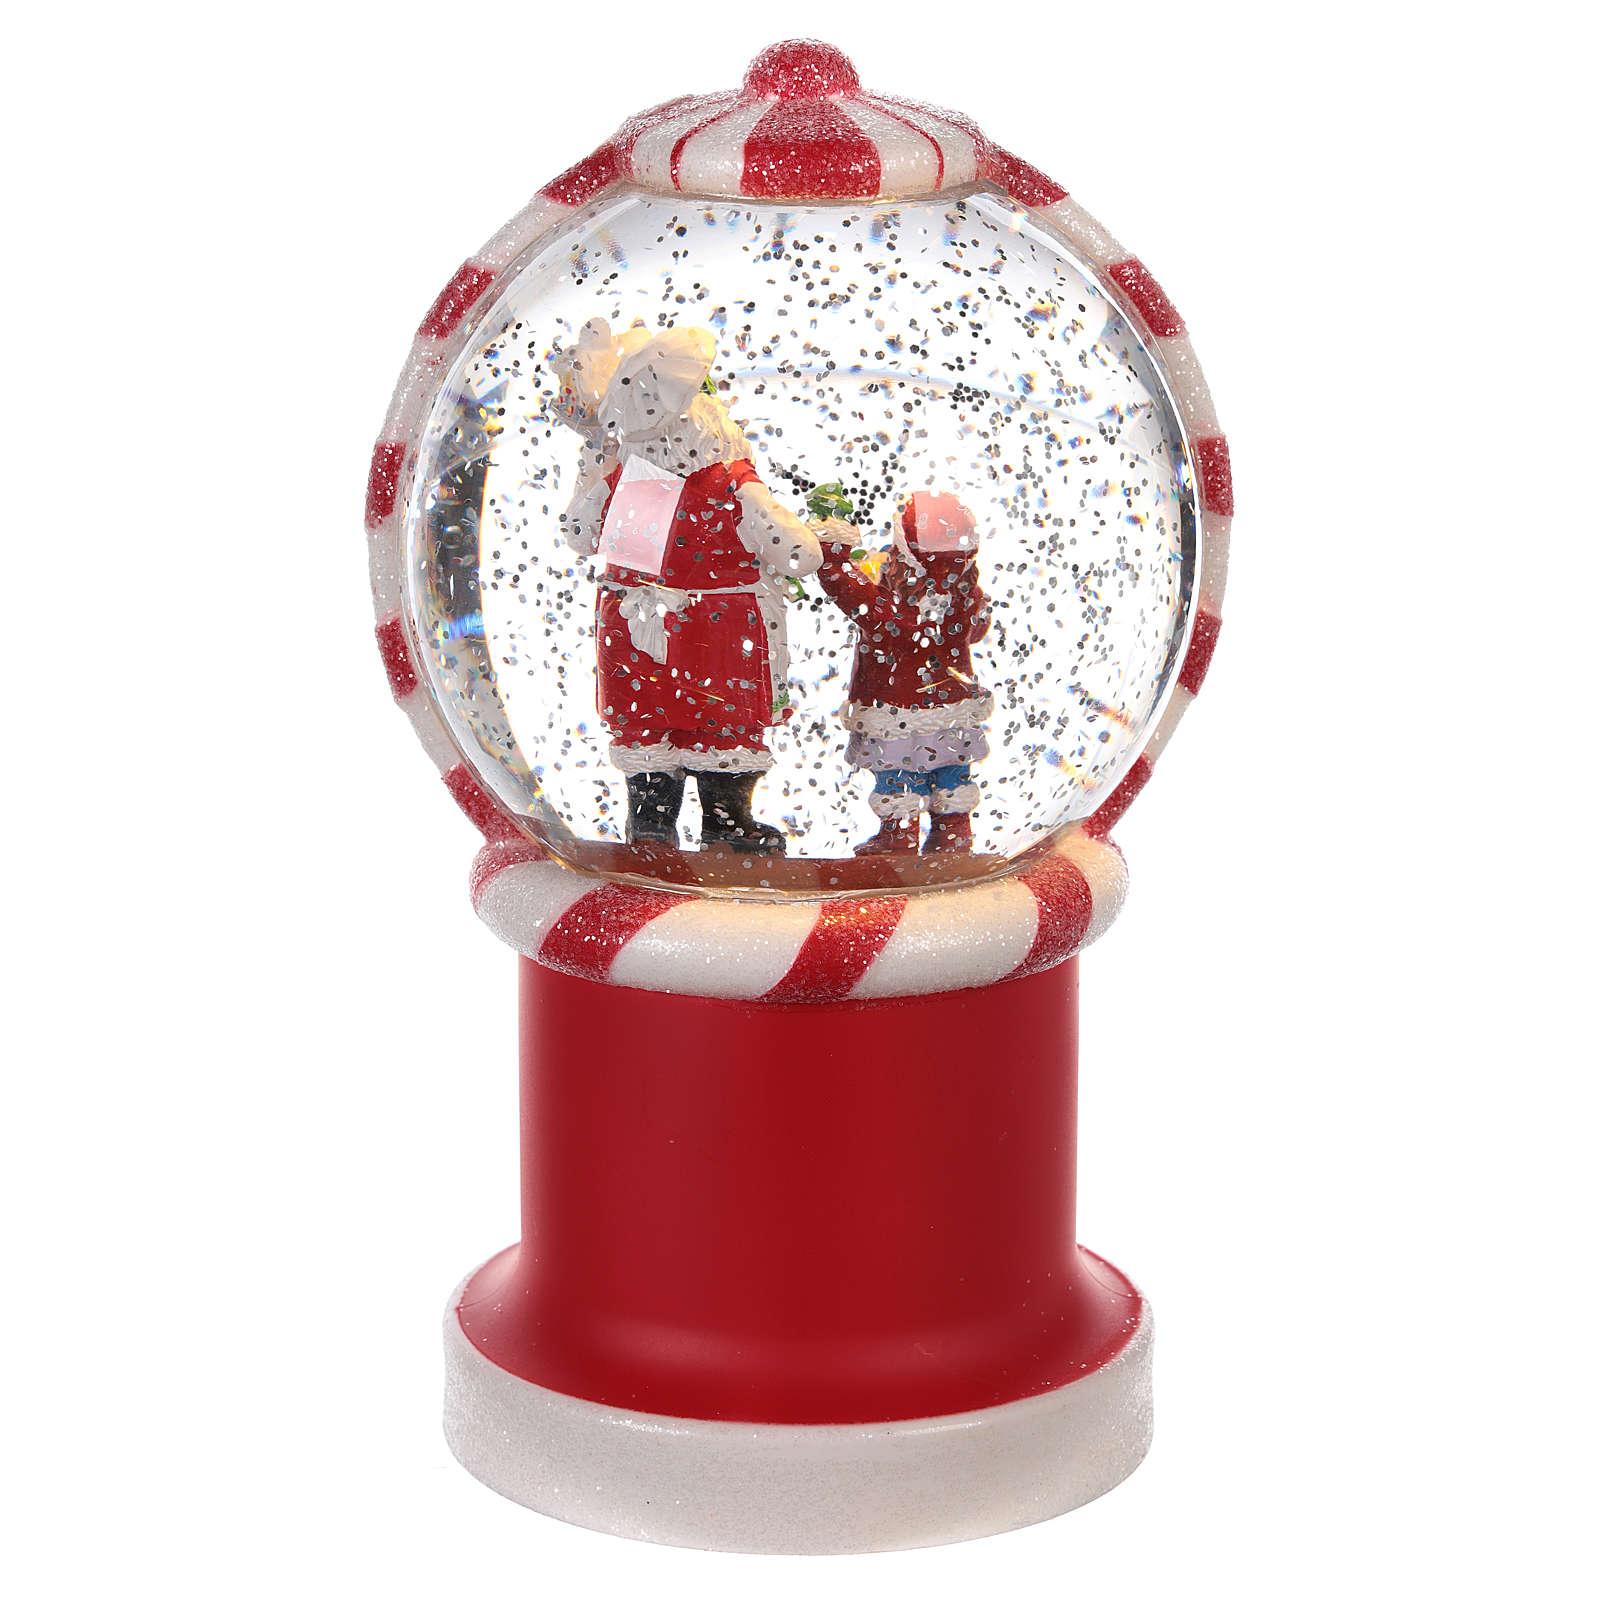 Bola de nieve distribuidor caramelos con Papá Noel 20x10 cm 3